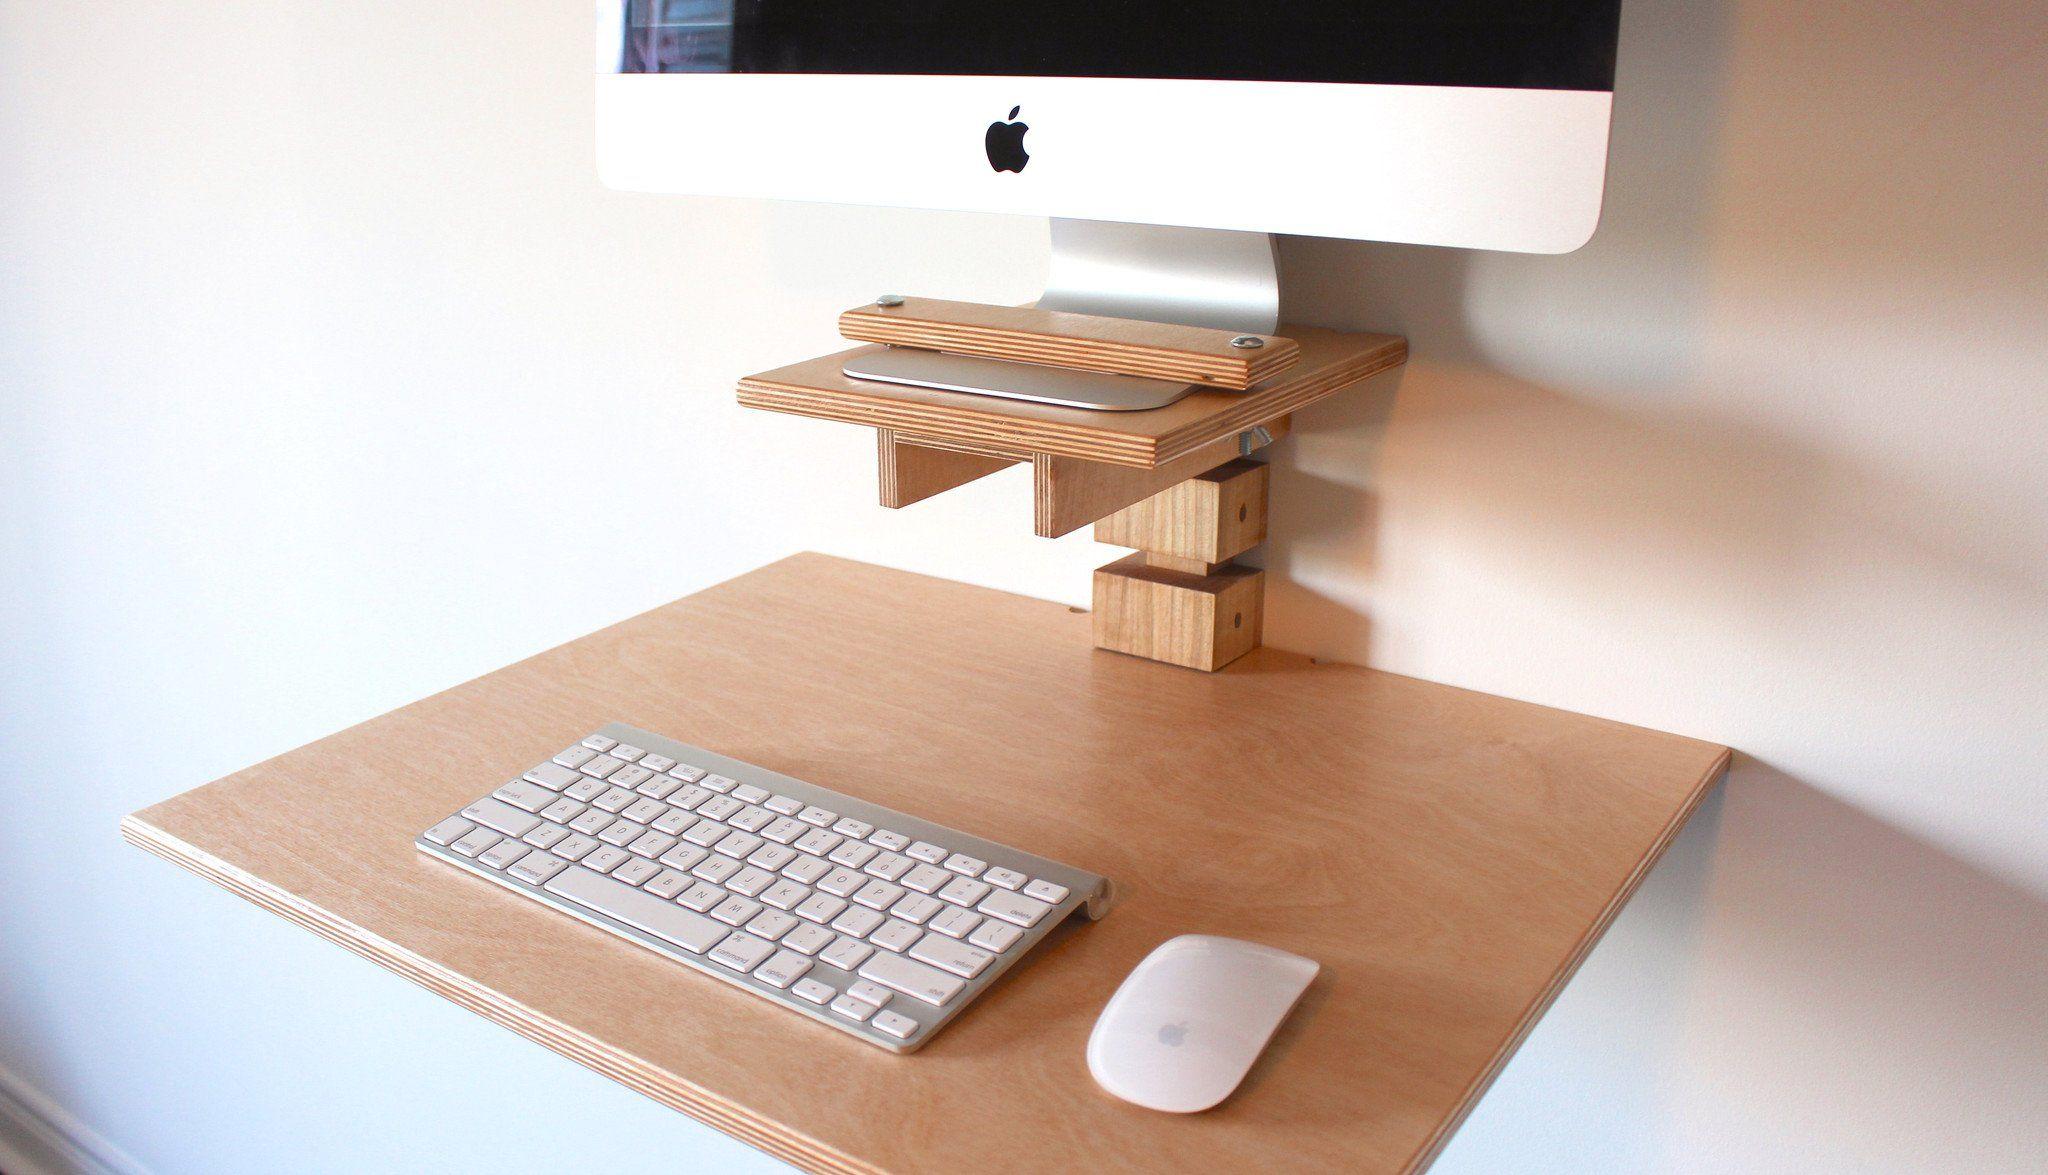 Wall Mounted Standing Desk Imac Model Imac Schreibtisch Schreibtisch Tisch